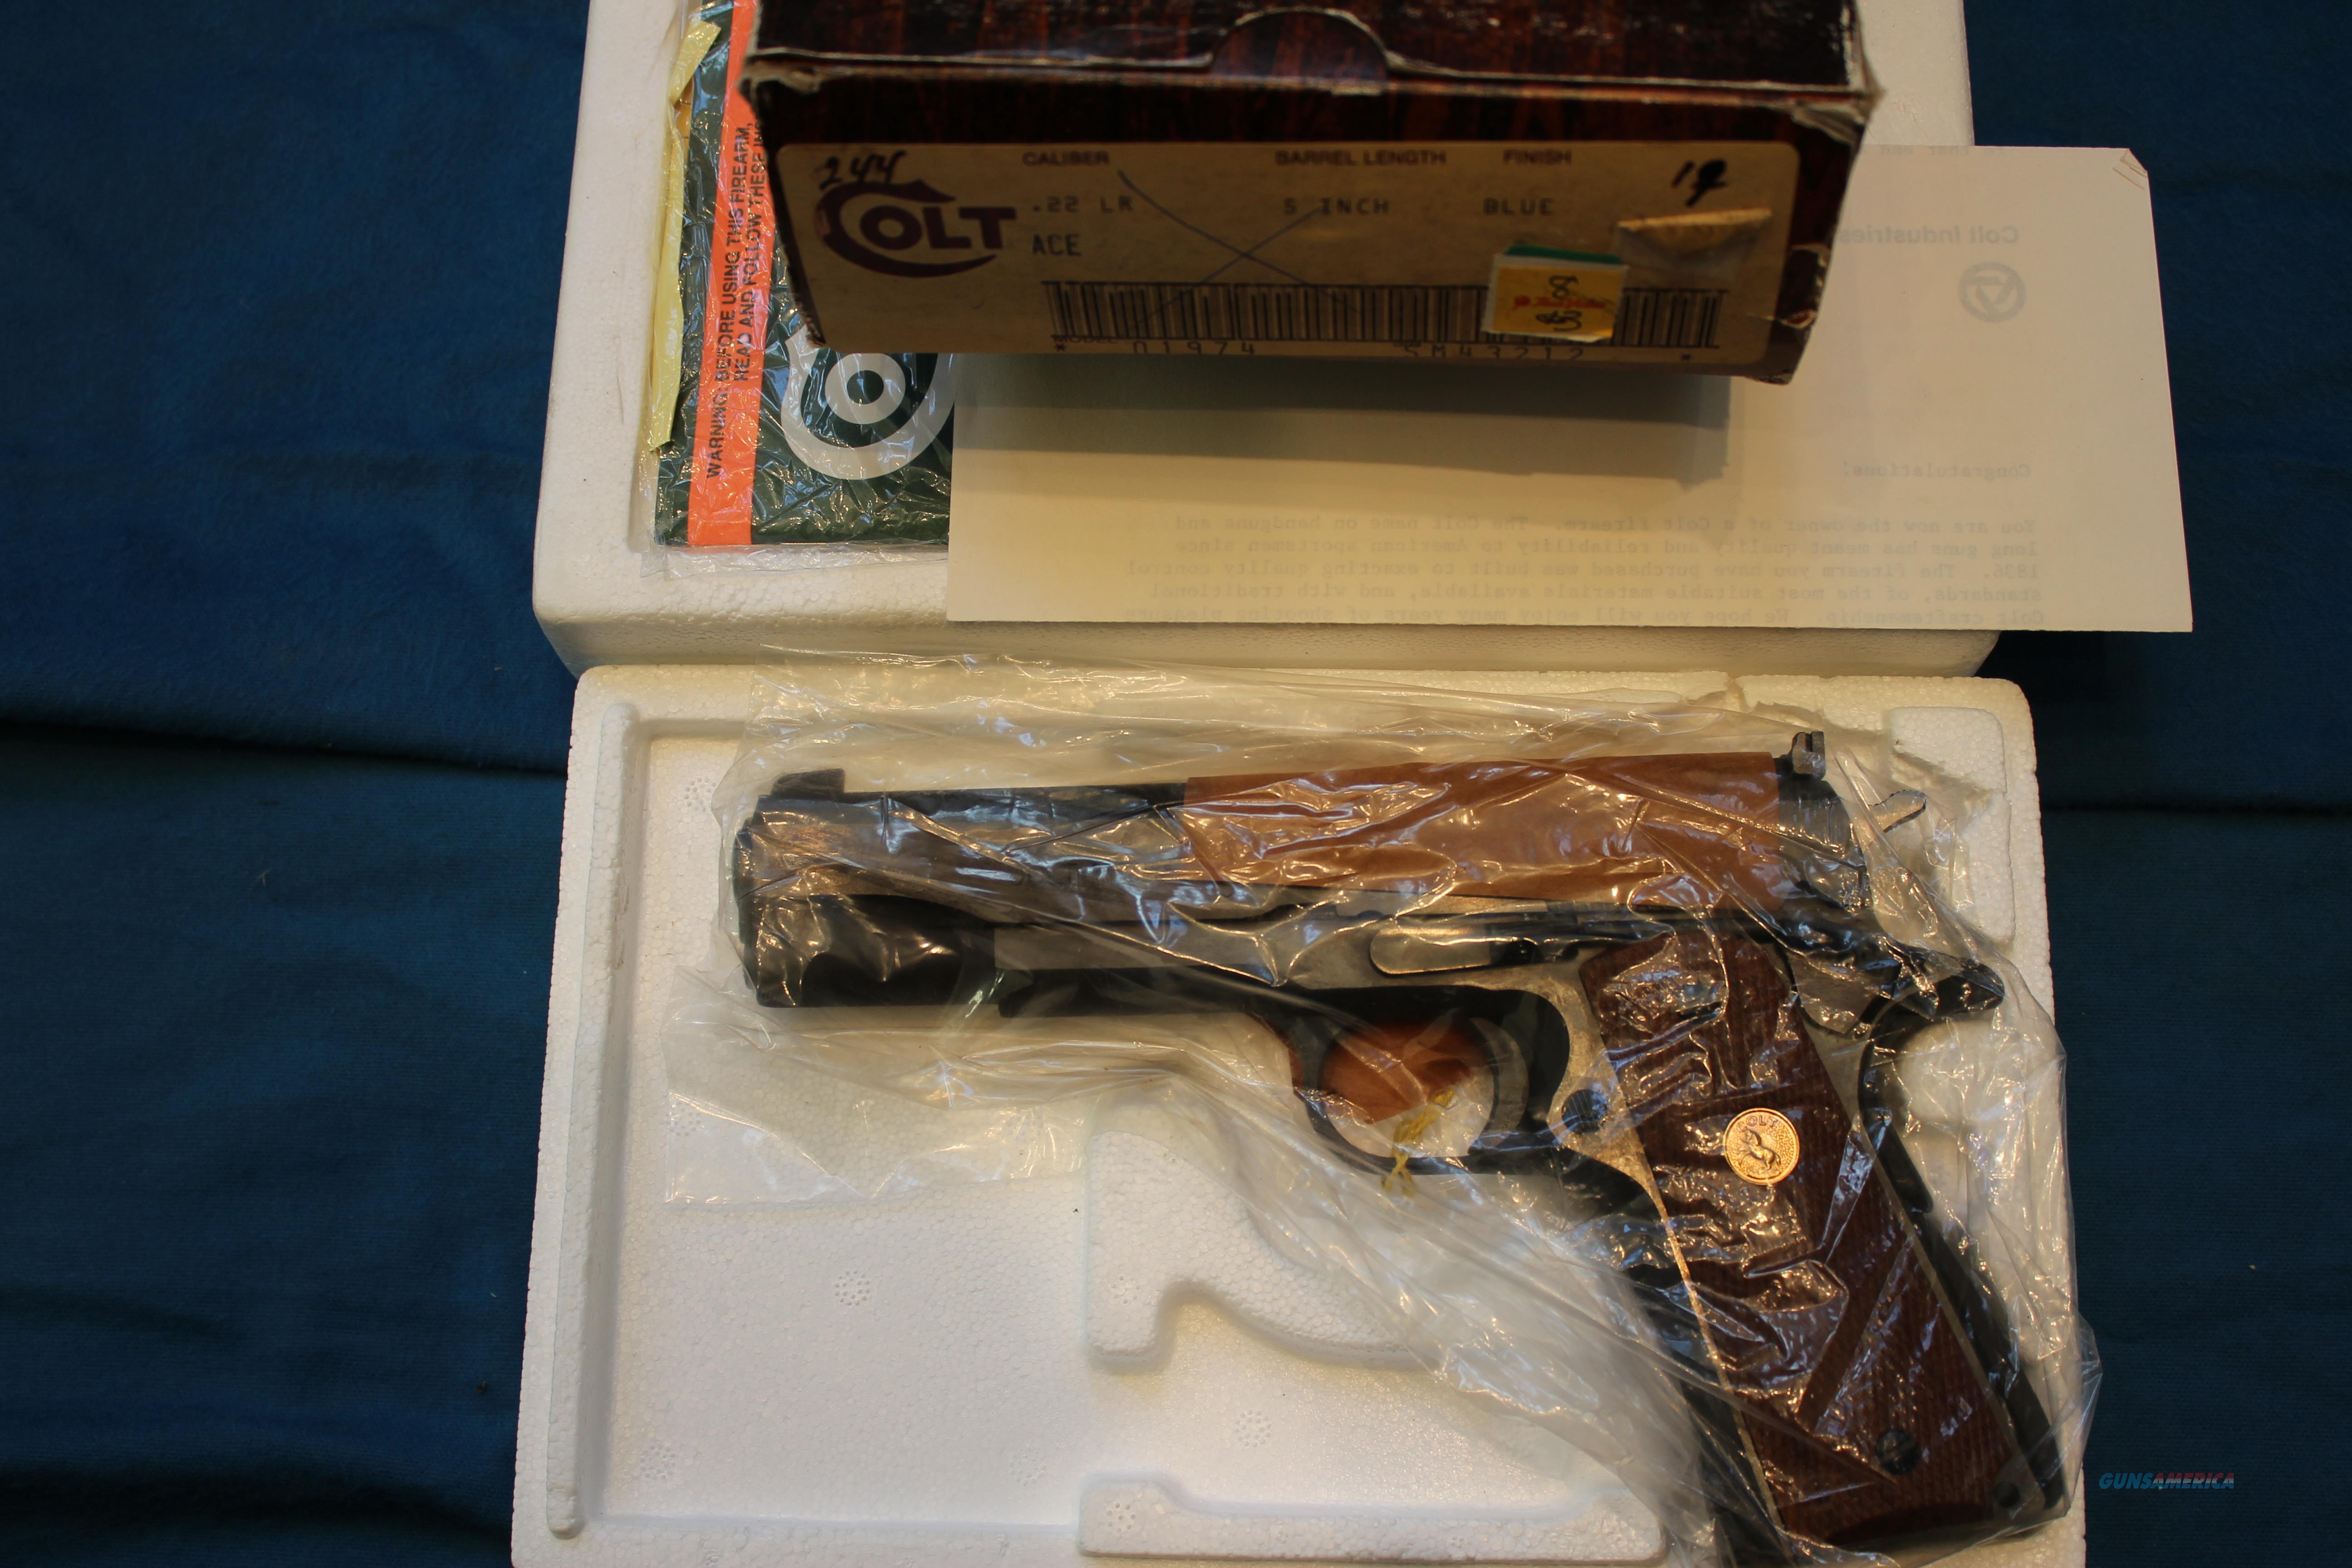 COLT ACE  .22 LR NEW IN THE BOX   Guns > Pistols > Colt Automatic Pistols (1911 & Var)